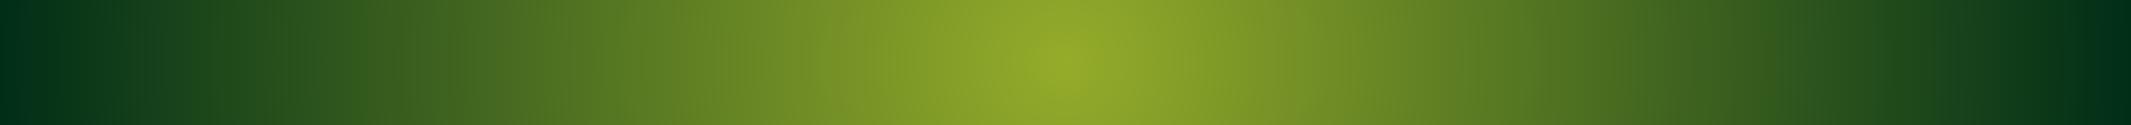 grad-green